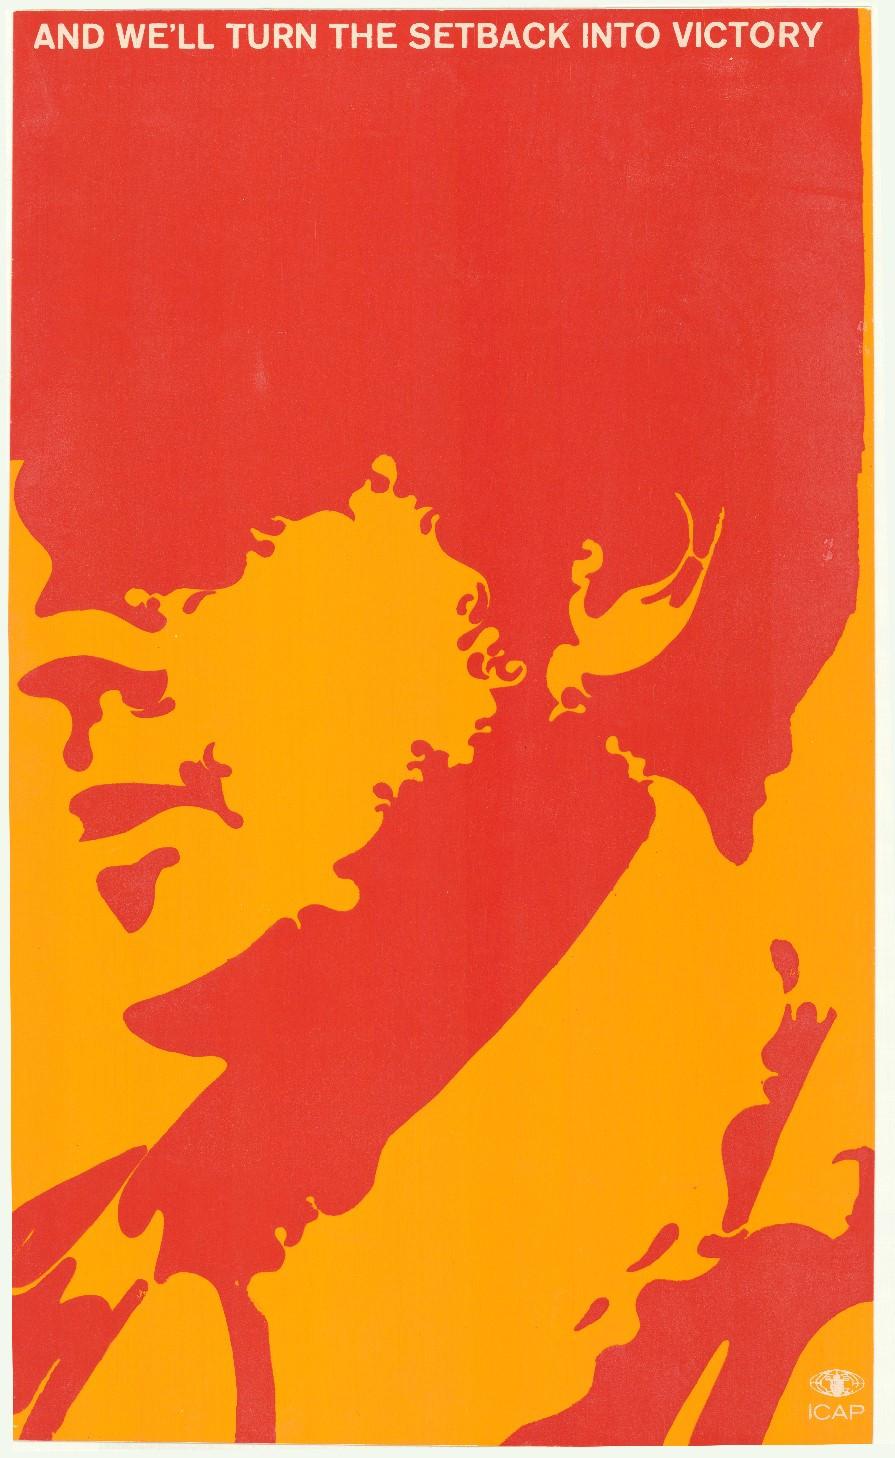 Felix Beltran Concepcion, And we'll turn the setback into victory (En wij veranderen tegenslag in overwinning), 1970. Collectie Stedelijk Museum Amsterdam